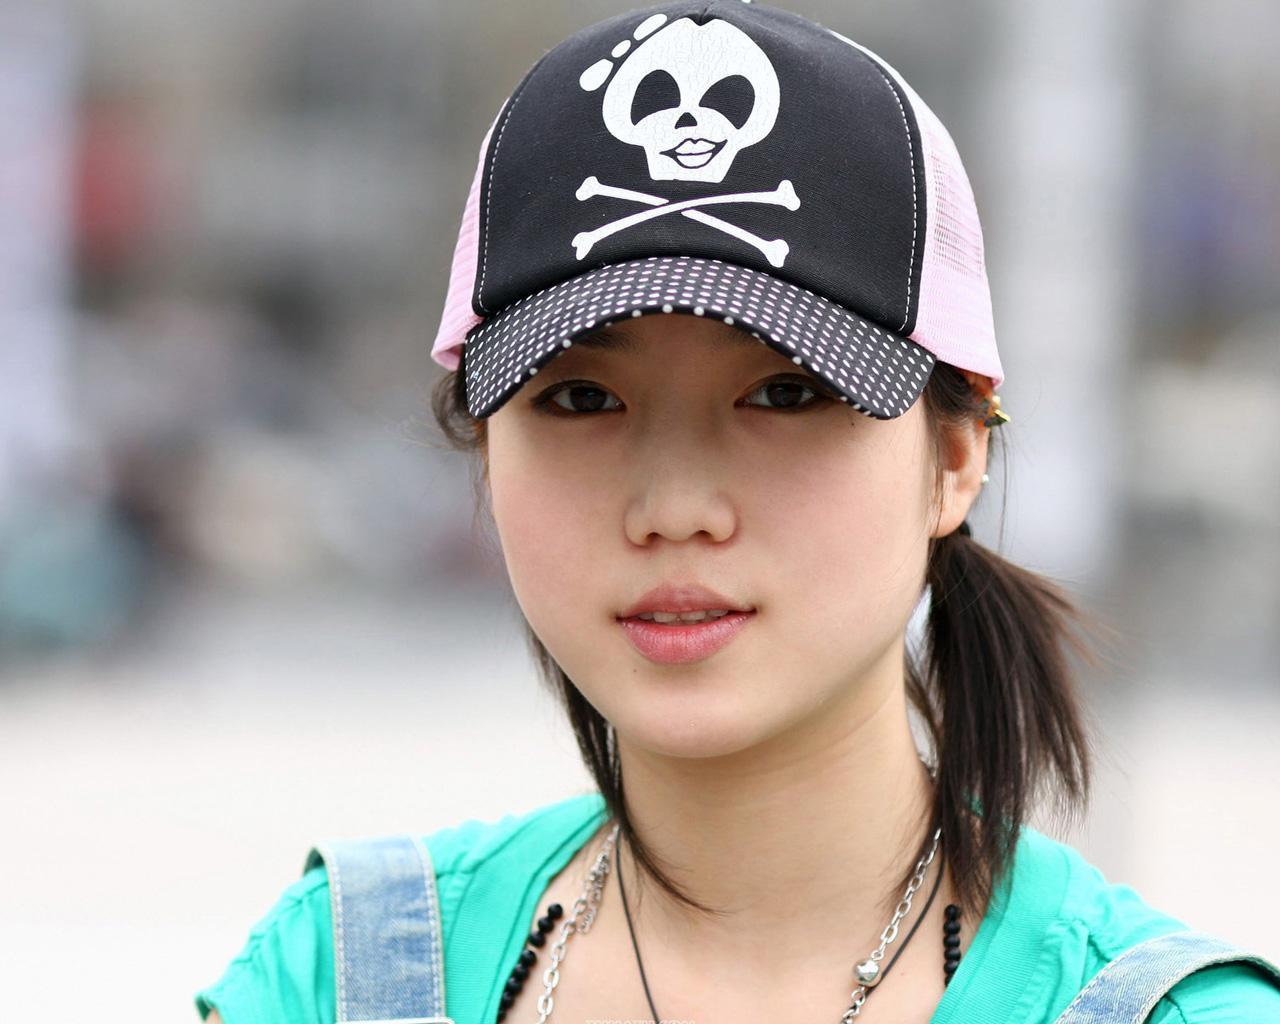 张悠雨魅惑大胆人体艺术_杨振洋与张悠雨现身北京798艺术区